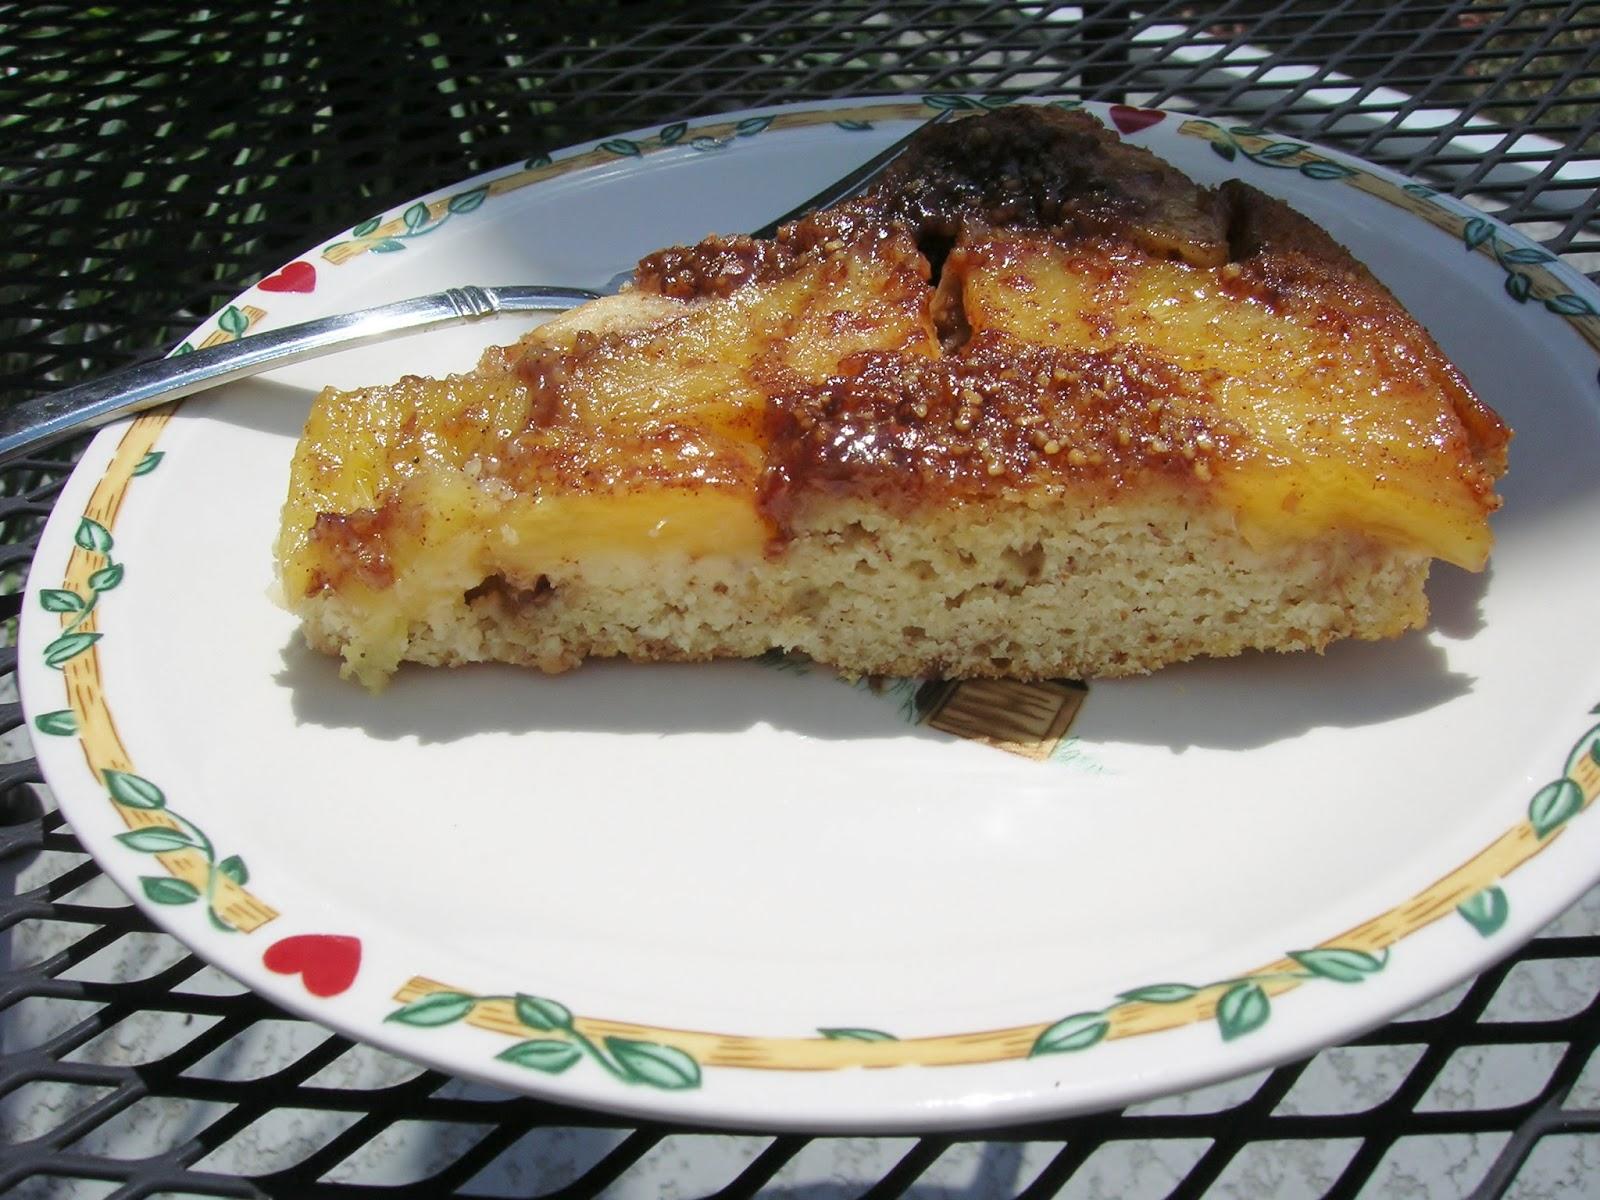 Pineapple Yellow Cake Mix Cream Cheese